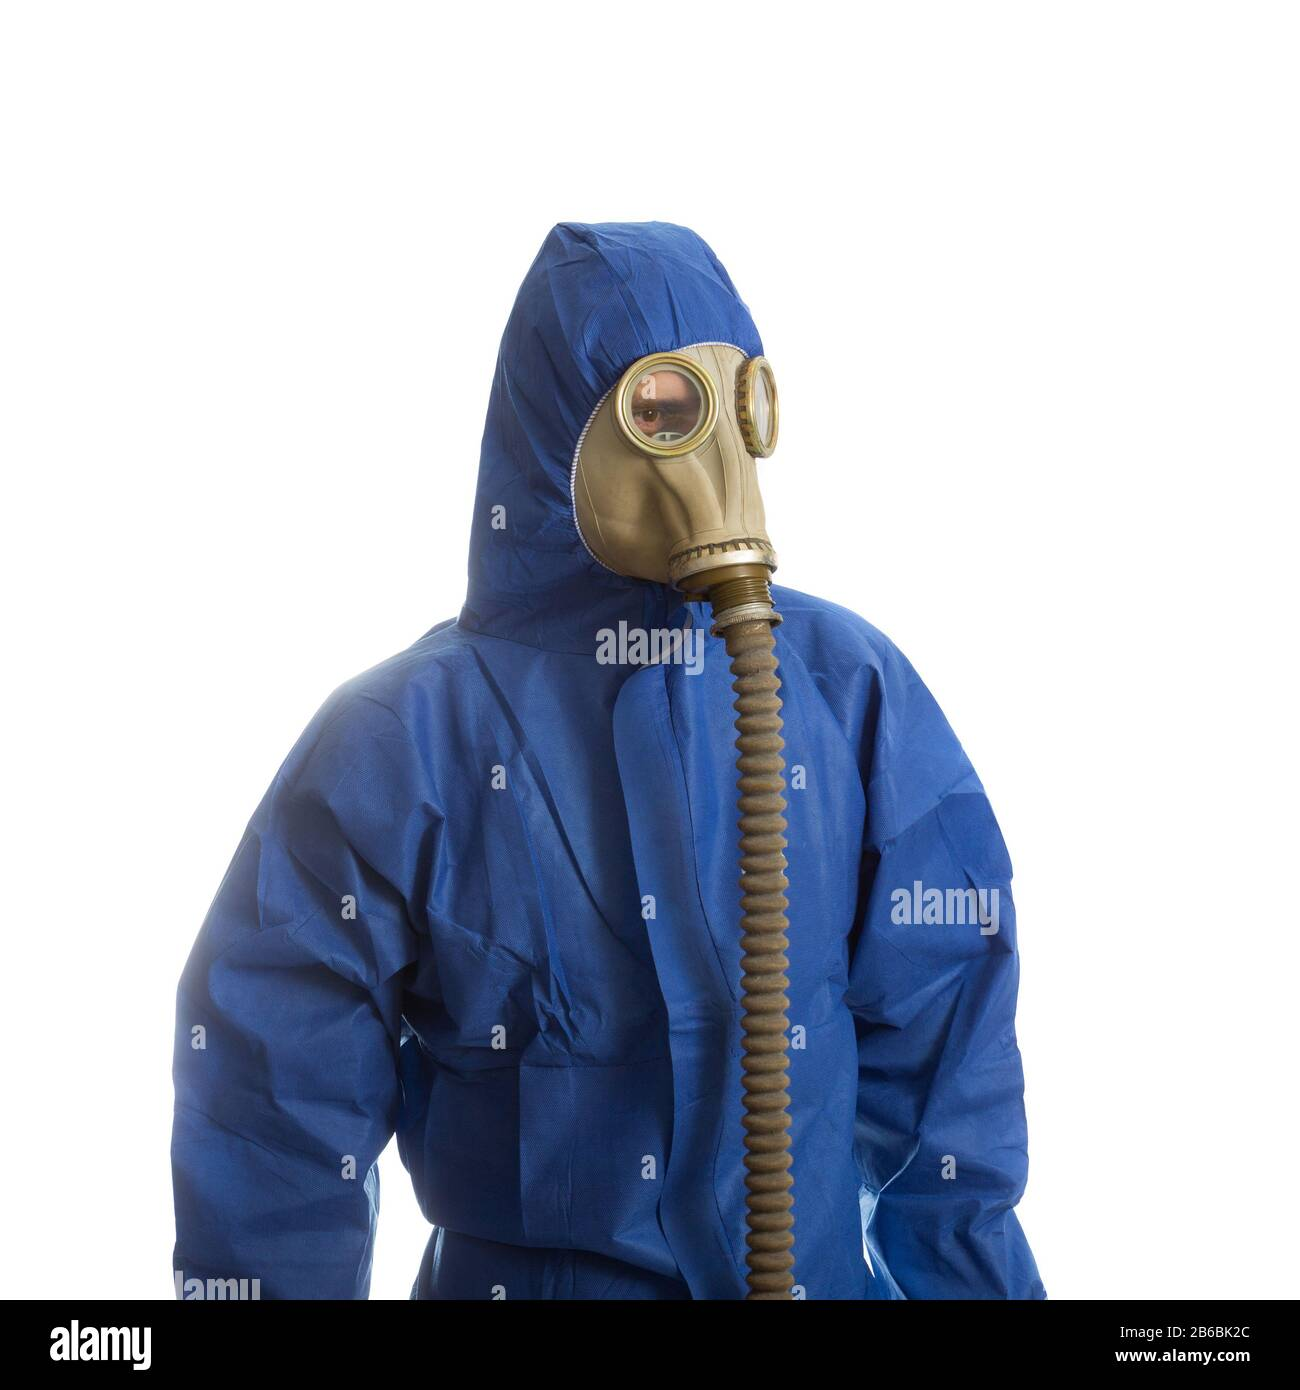 Hommes en costume de protection avec masque à gaz isolé sur blanc Banque D'Images